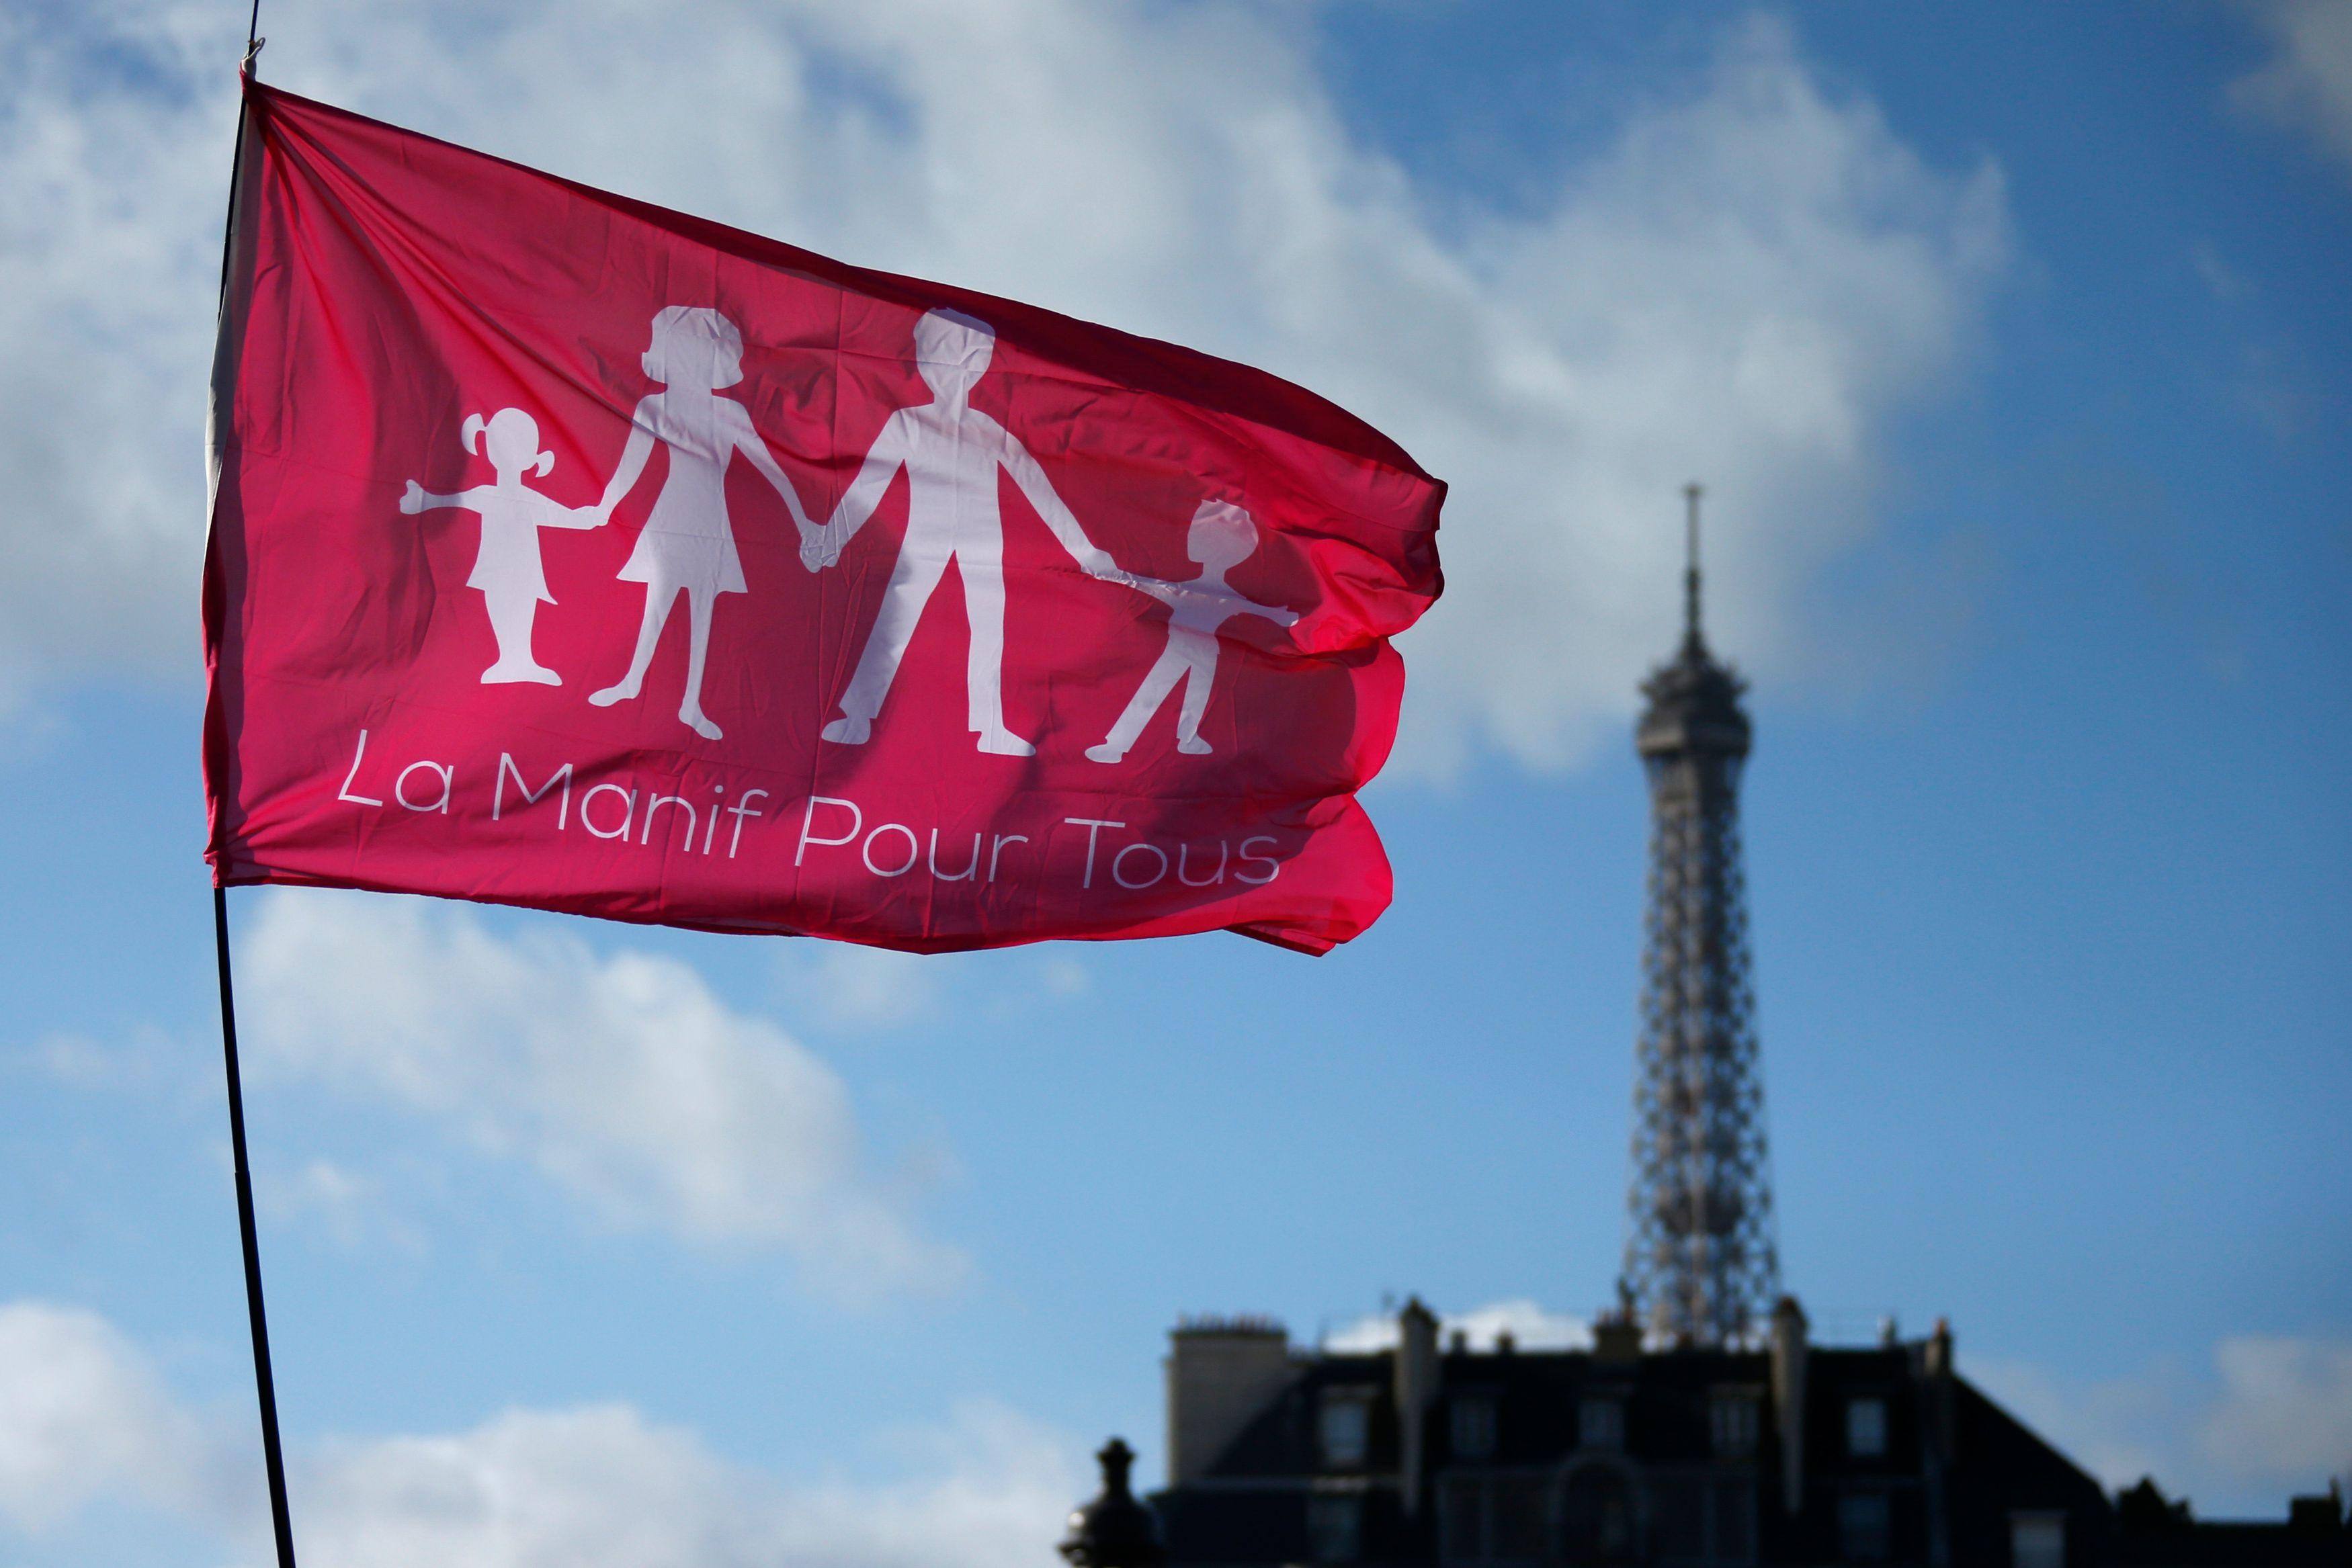 Sondage exclusif : 48% des Français se déclarant très proches des idées de La Manif pour tous envisagent de voter pour Marine Le Pen au 1er tour de la présidentielle et 42% pour François Fillon